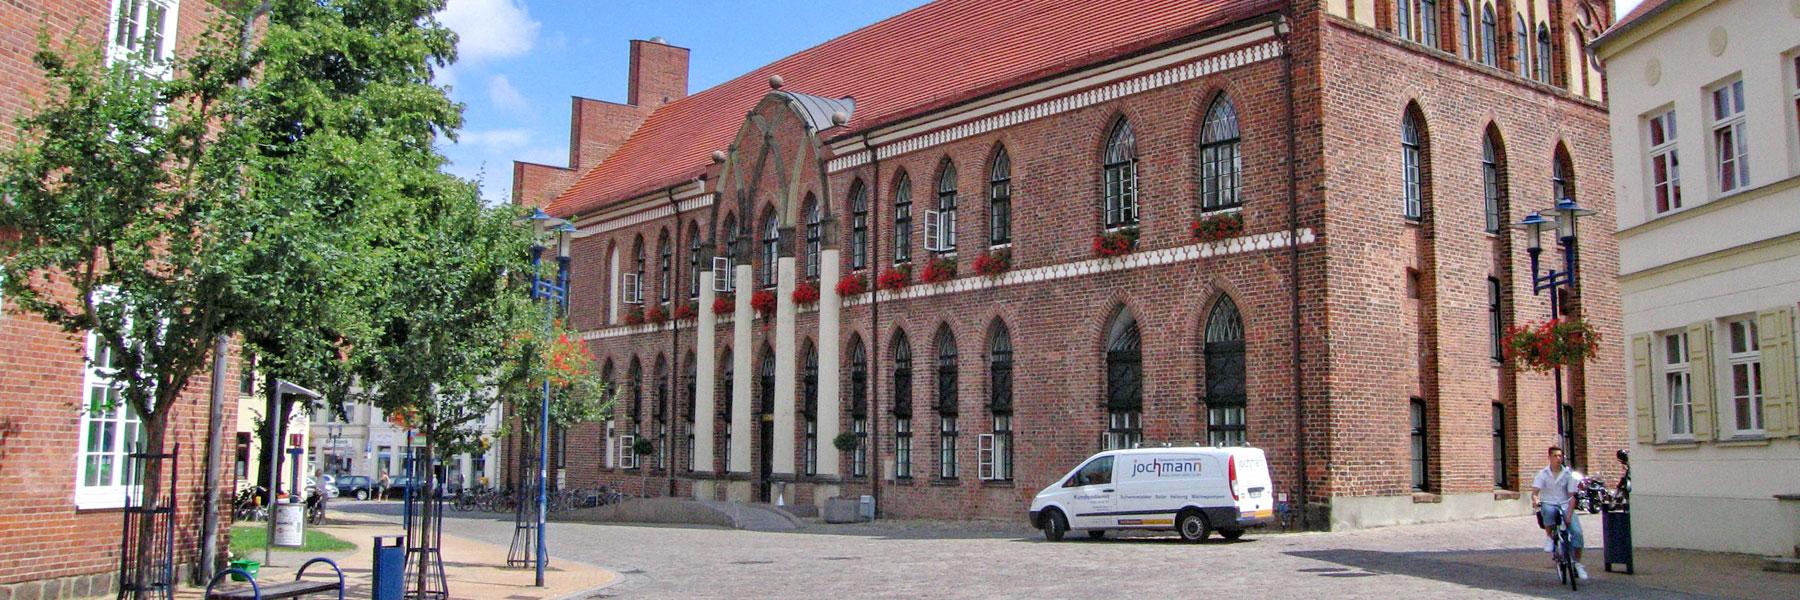 Rathaus Parchim - Brocki's Hotel Stadt Hamburg